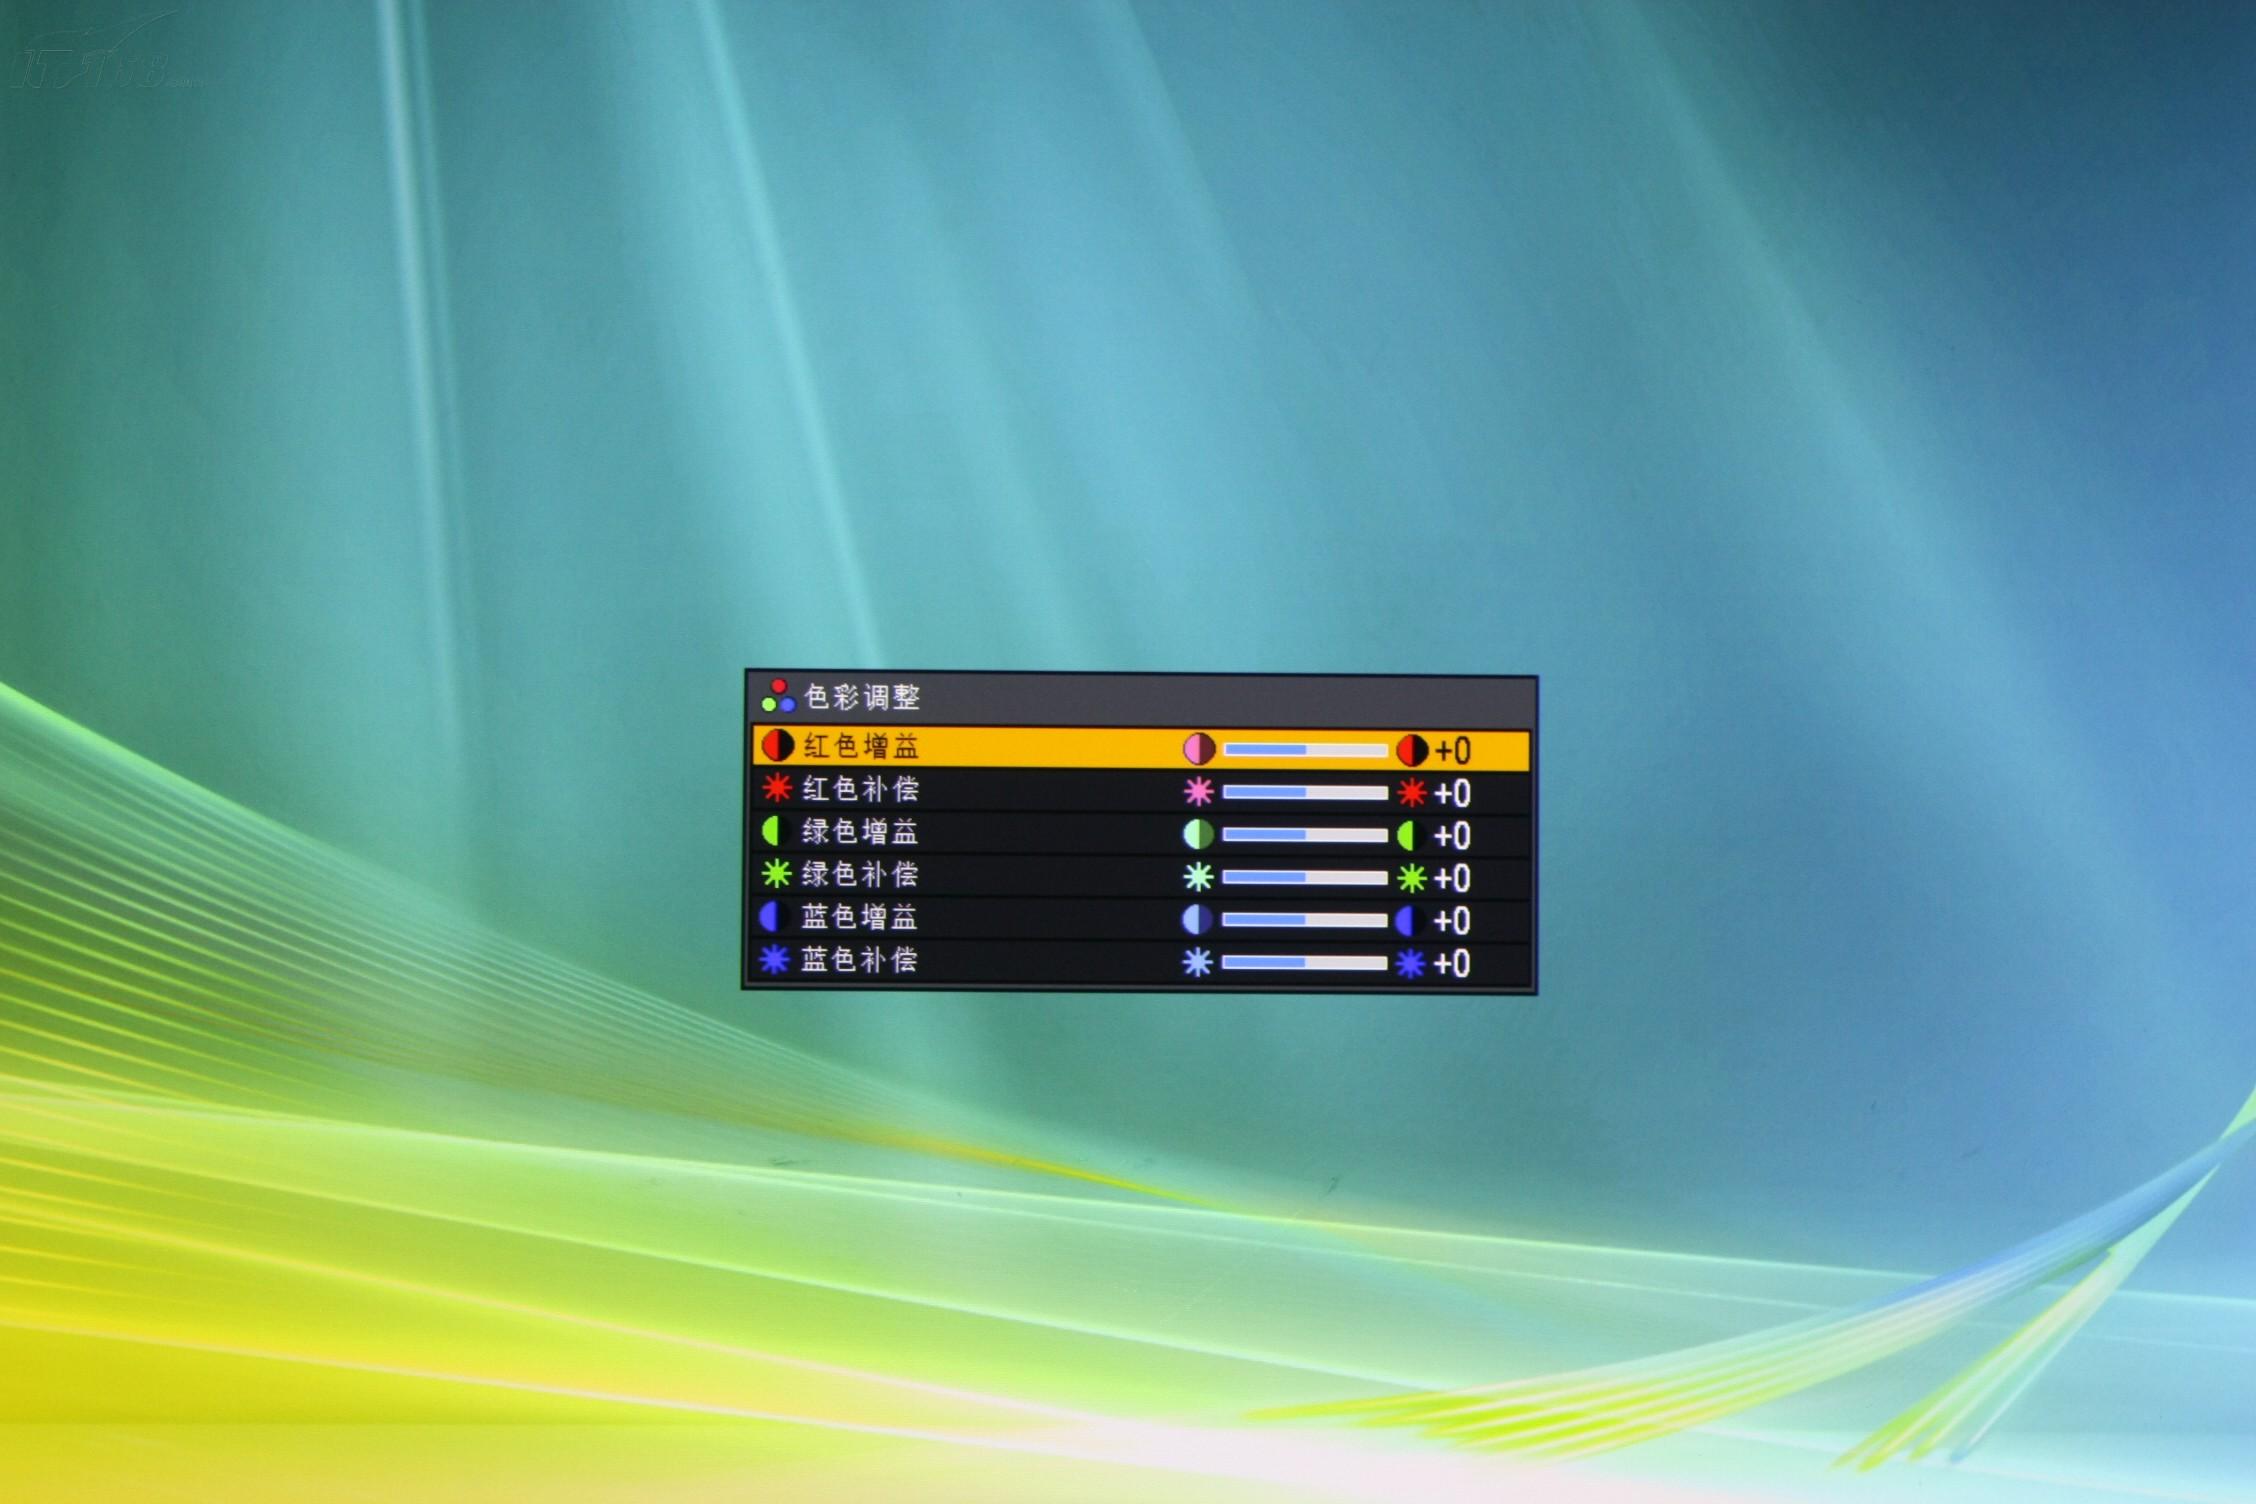 佳能wux10投影机产品图片14素材-it168投影机图片大全